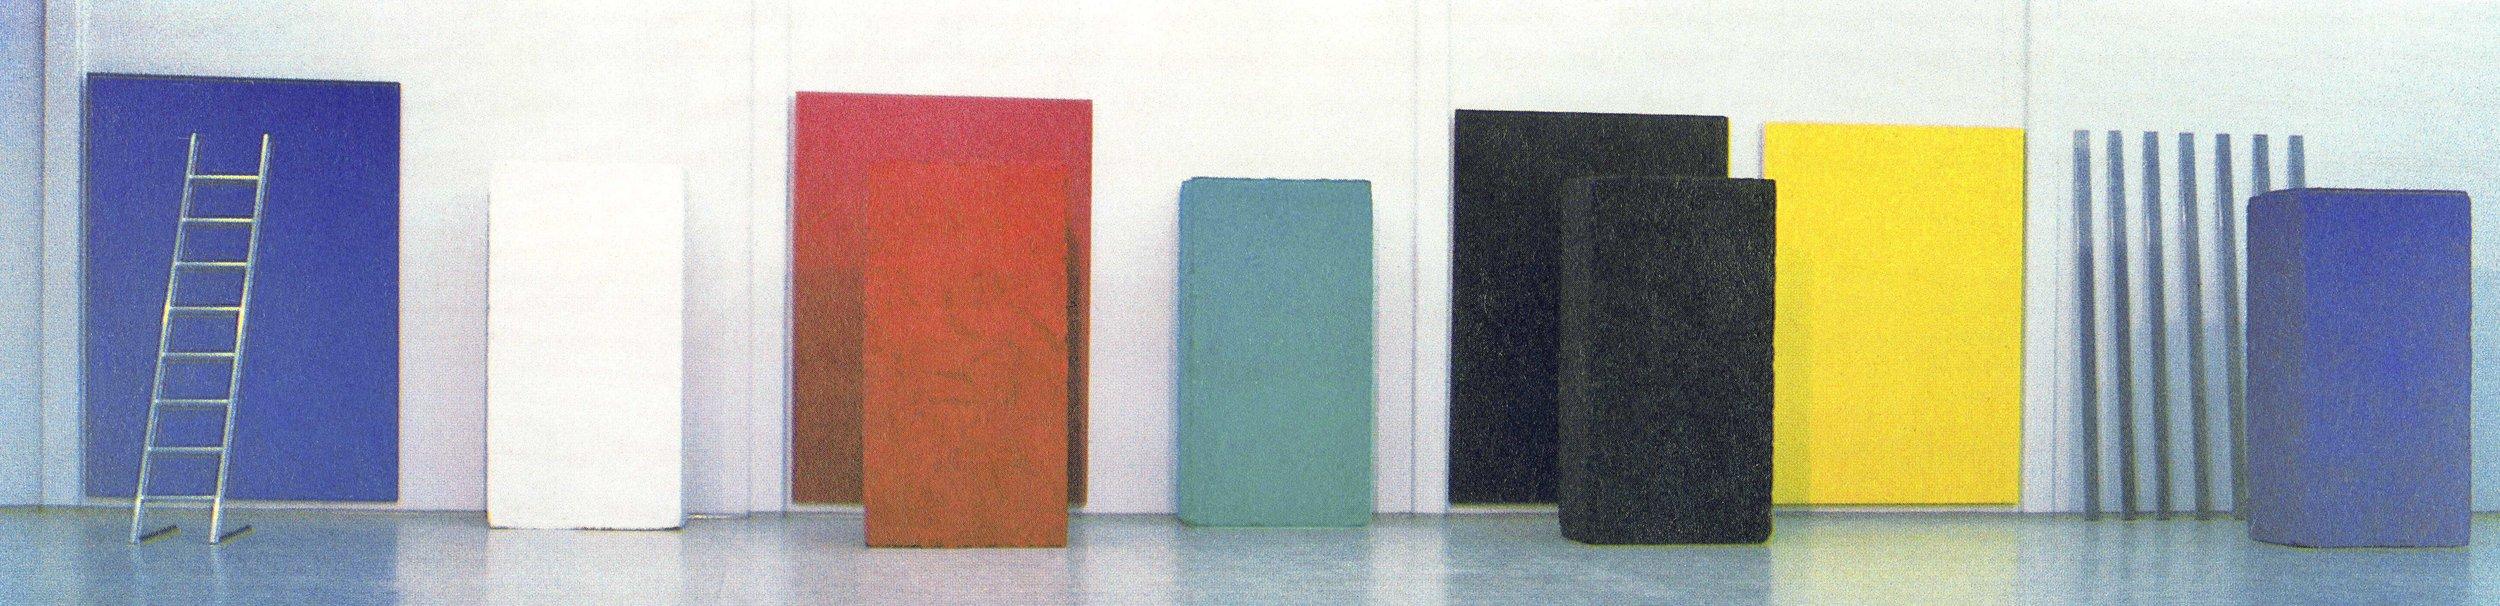 Po Raffaelu, akril, les lendapor, (kubus 200 x 100 x 50 cm), tekstil, aluminij, 1995